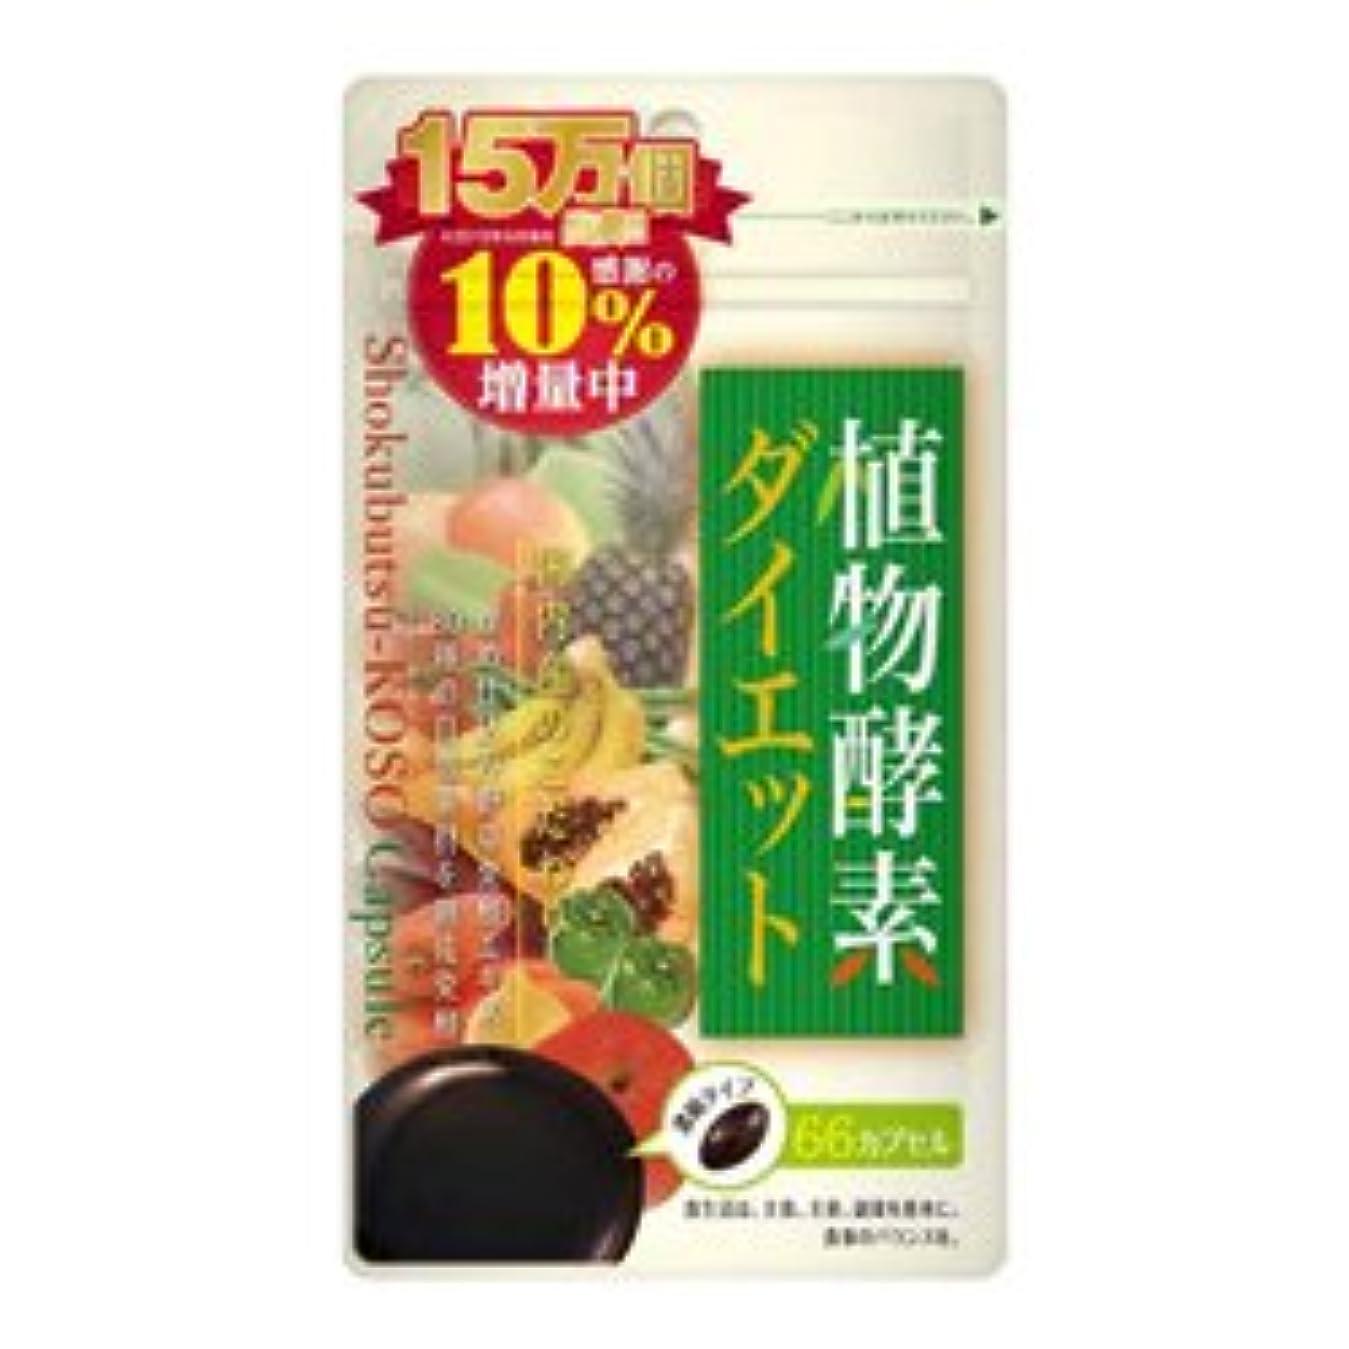 してはいけない報いる露骨な【ウエルネスジャパン】植物酵素ダイエット 66カプセル ×5個セット